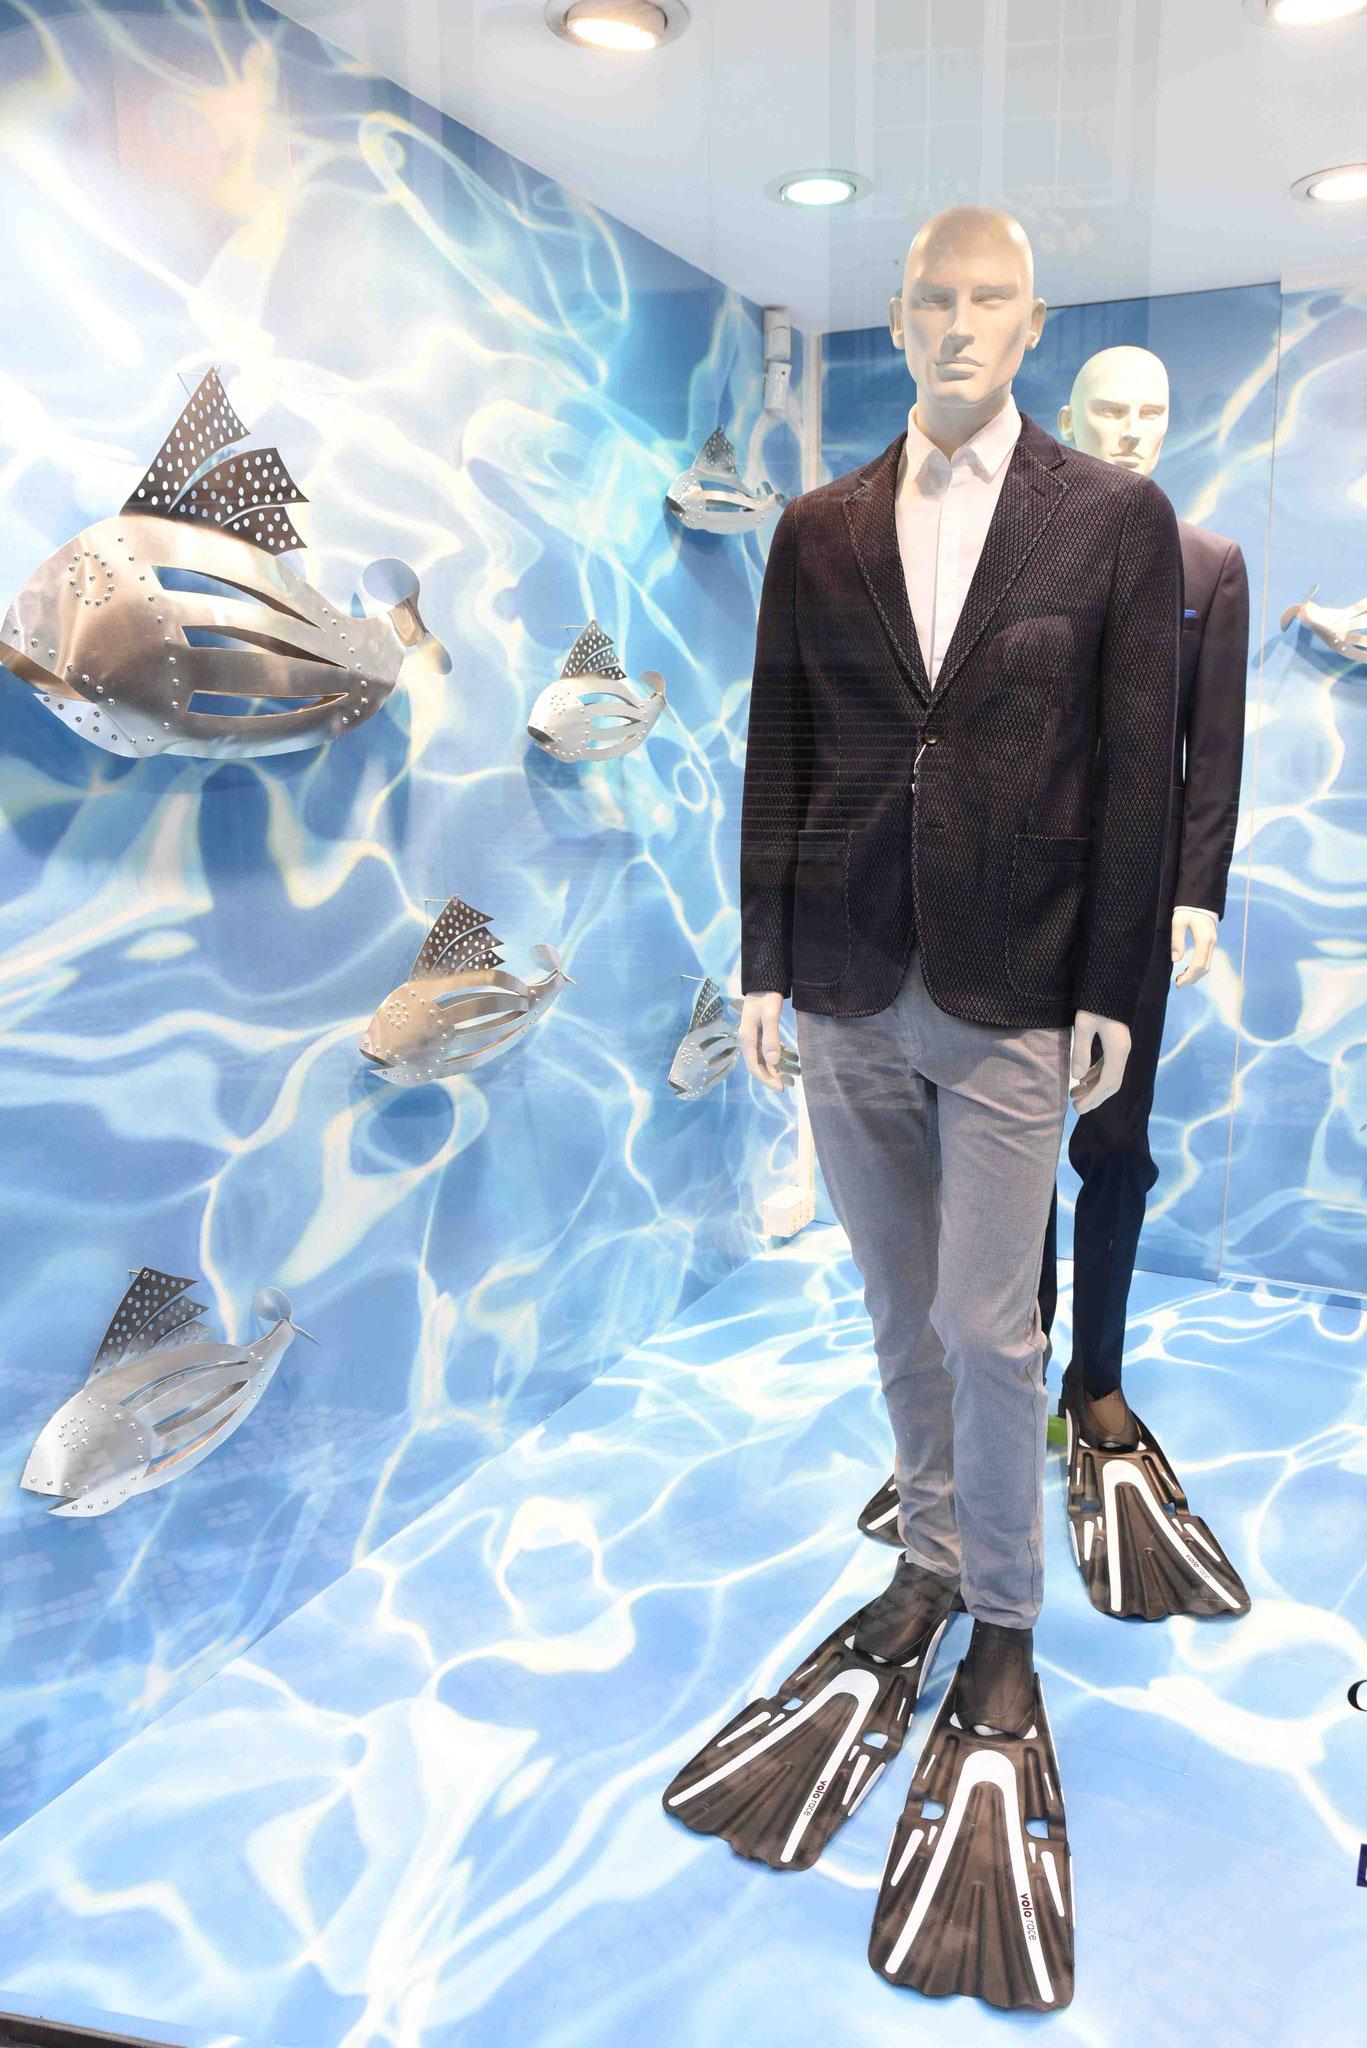 Werbung eines Schuhgeschäfts für Übergrößen